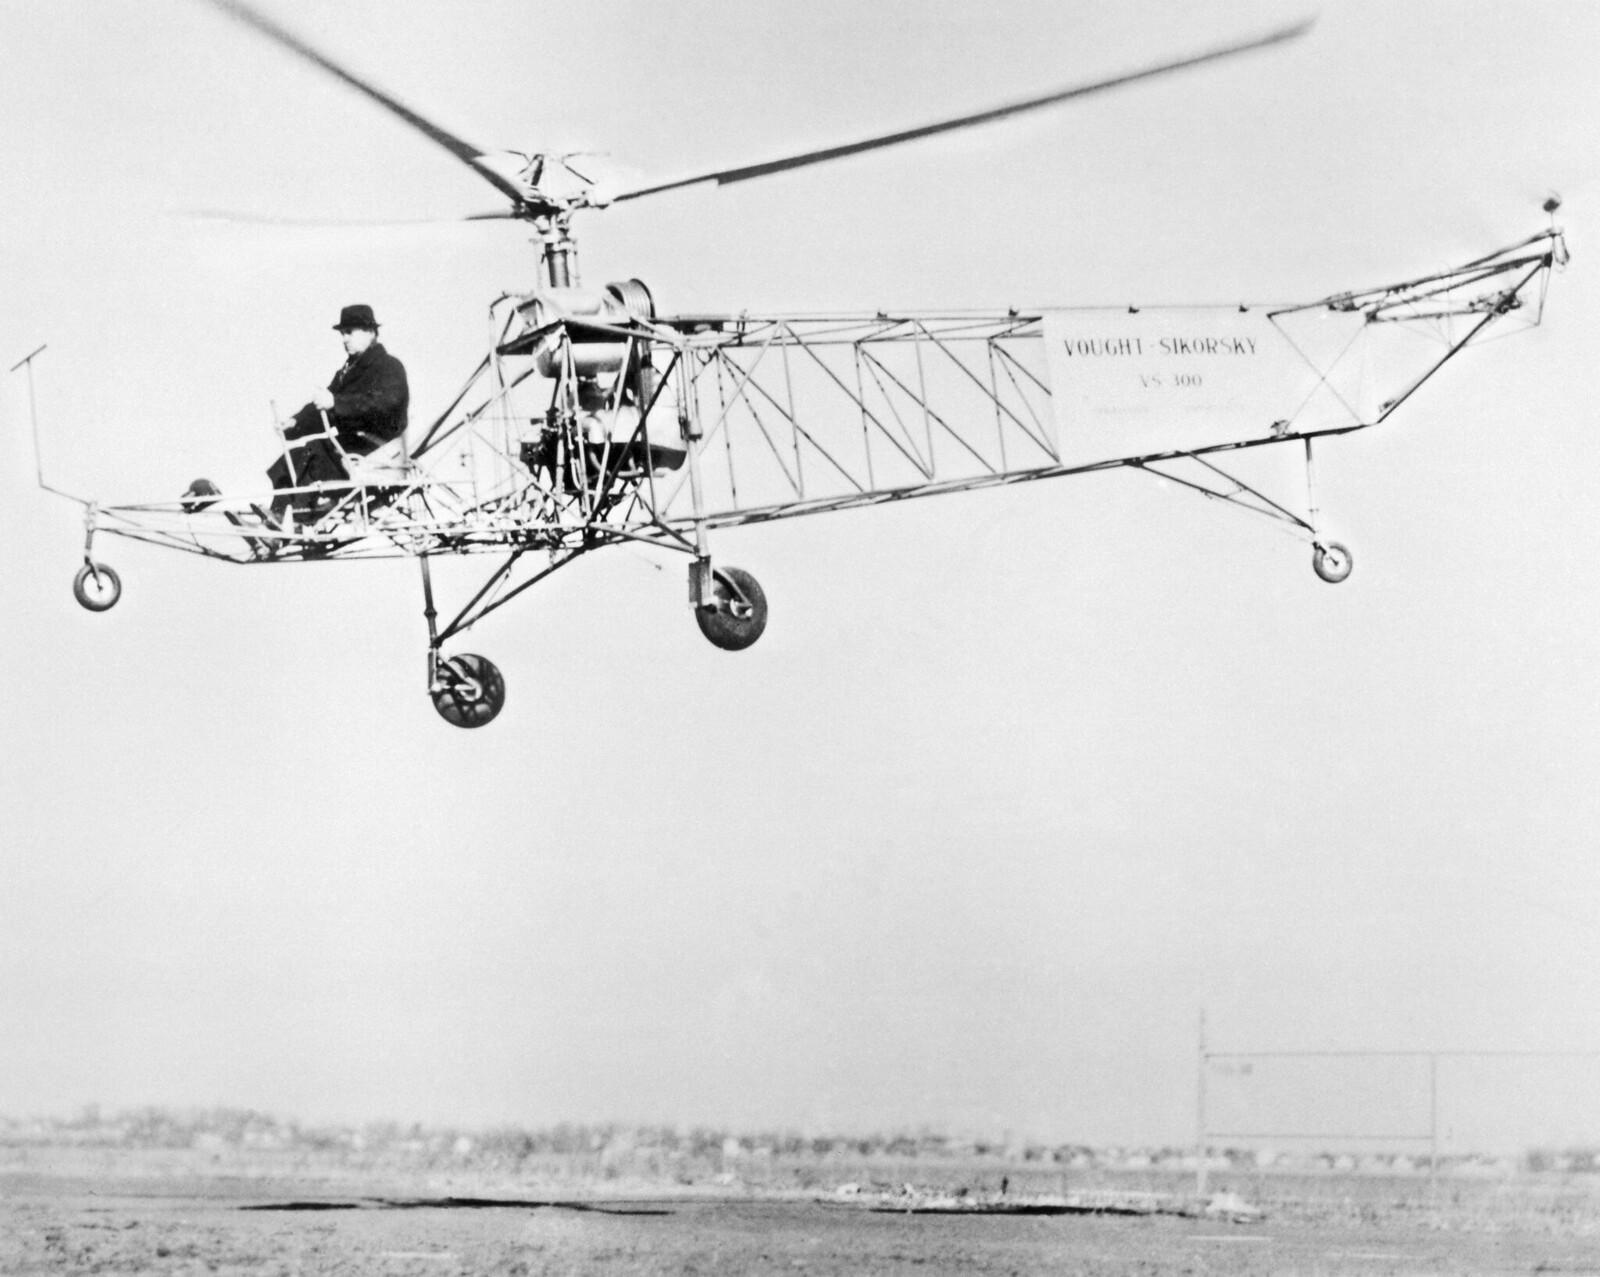 1910-е. Игорь Сикорский летает по одной из своих ранних конструкций